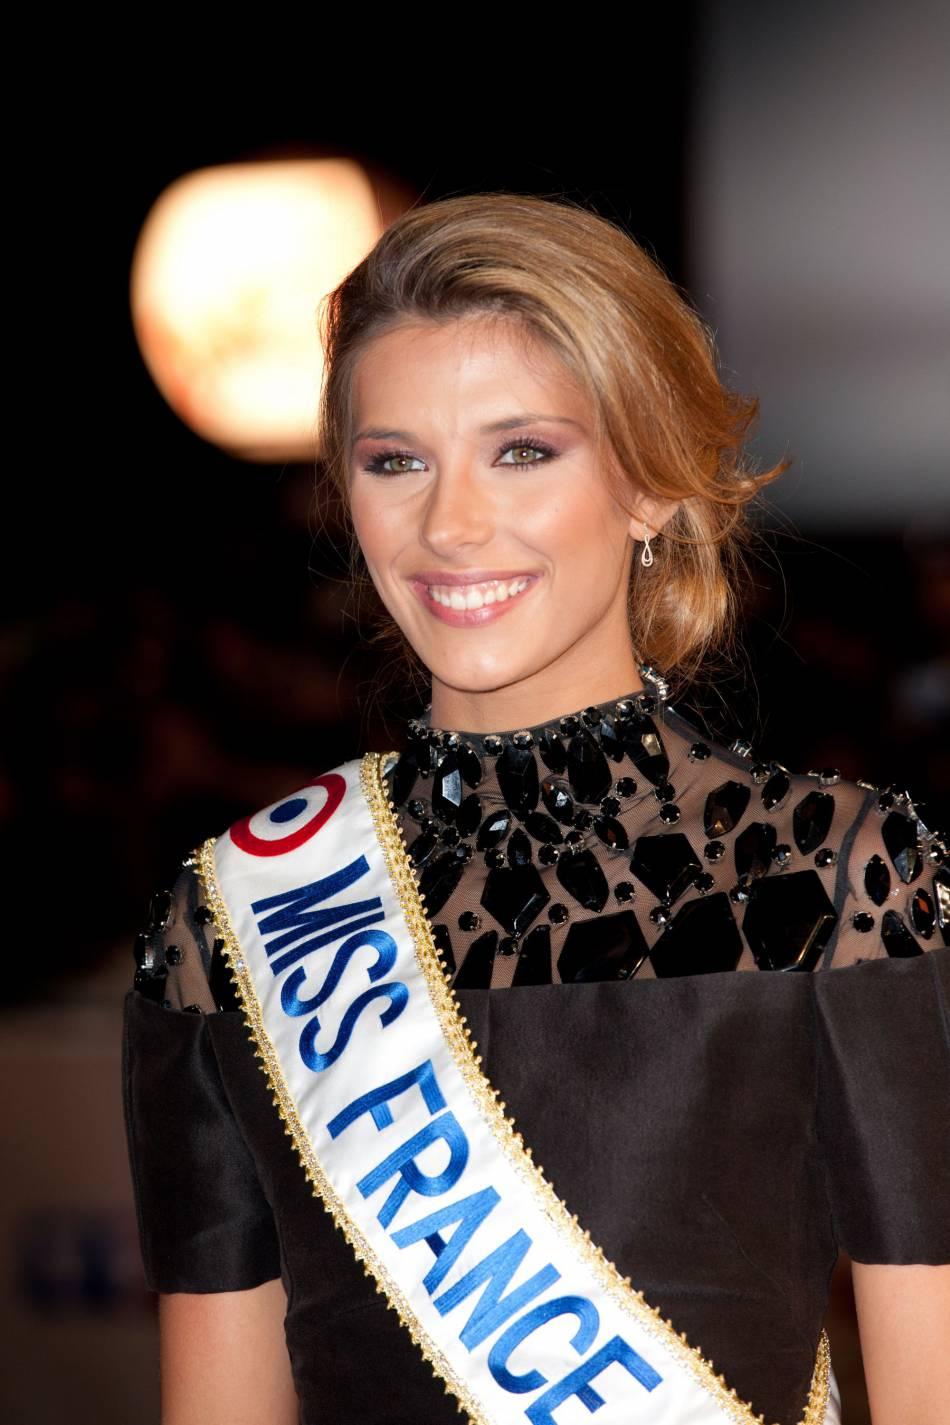 Camille Cerf, Miss France 2015, vit ses derniers jours de règne.